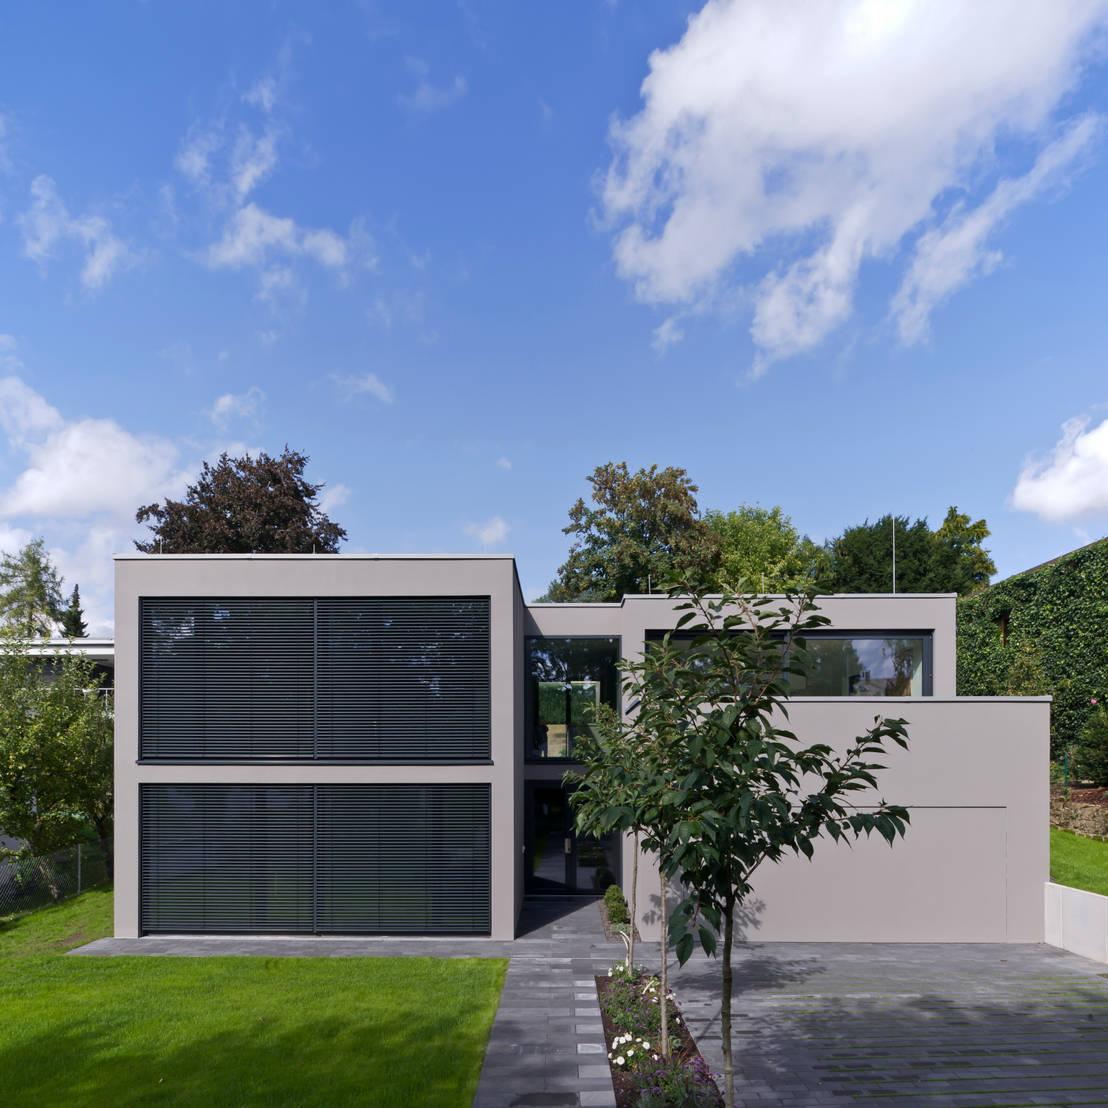 Modernes einfamilienhaus mit flachdach for Einfamilienhaus mit flachdach